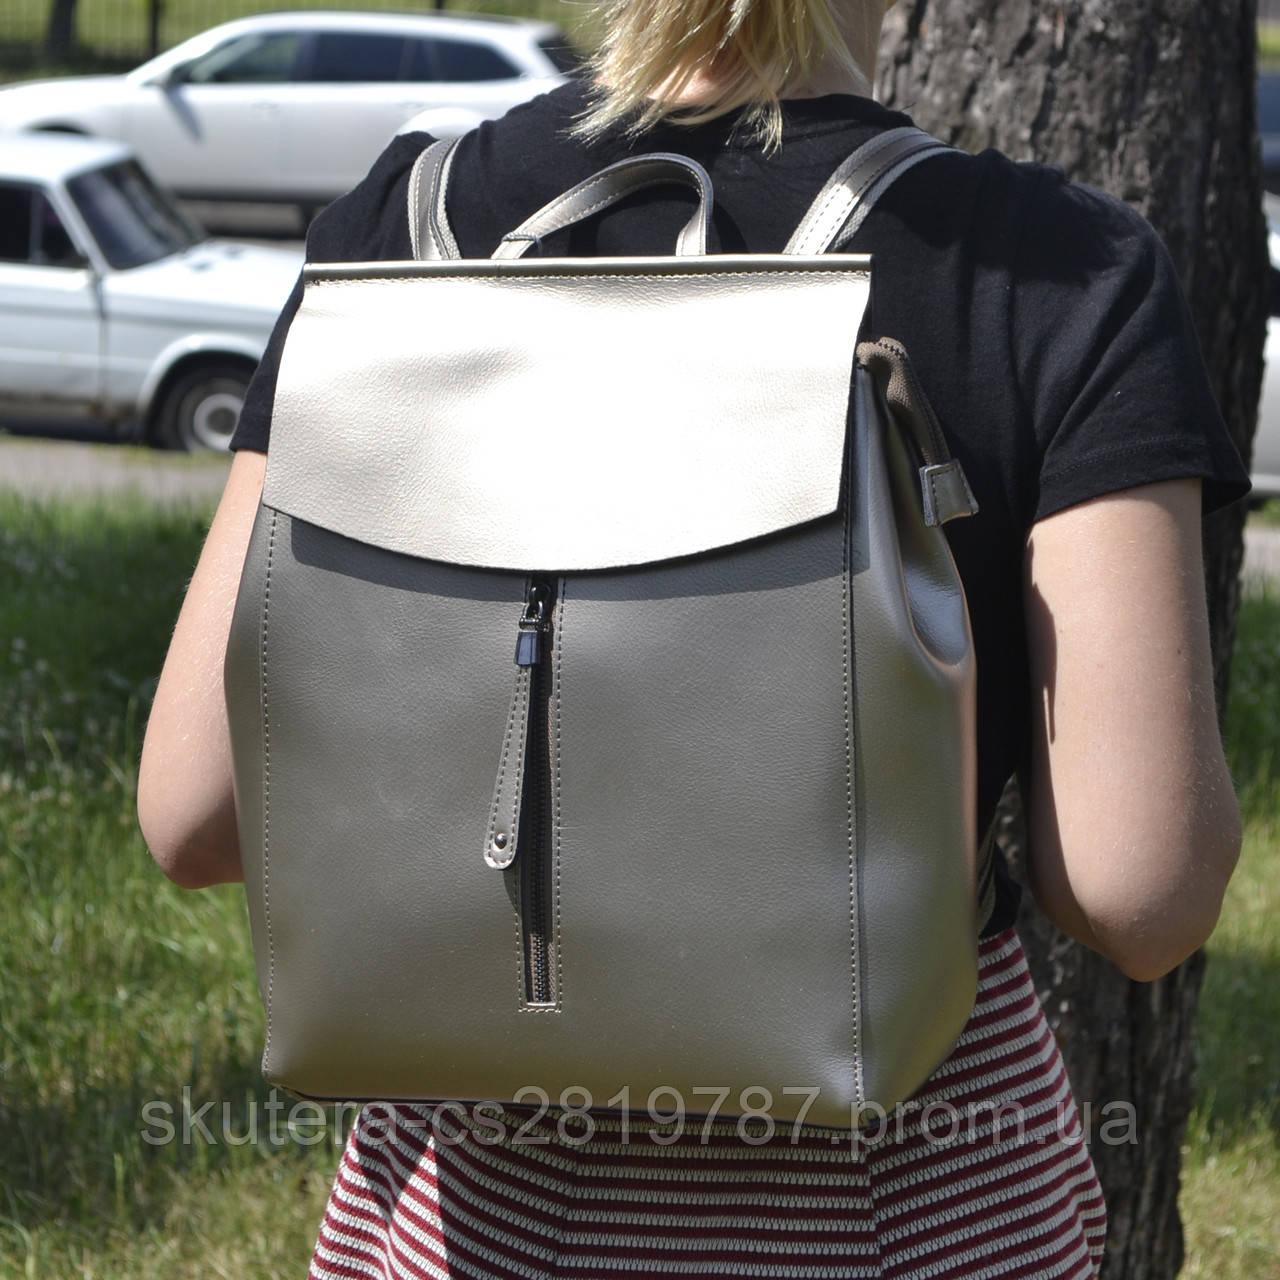 cbc4c72bd4f6 Женский кожаный рюкзак-сумка серебро